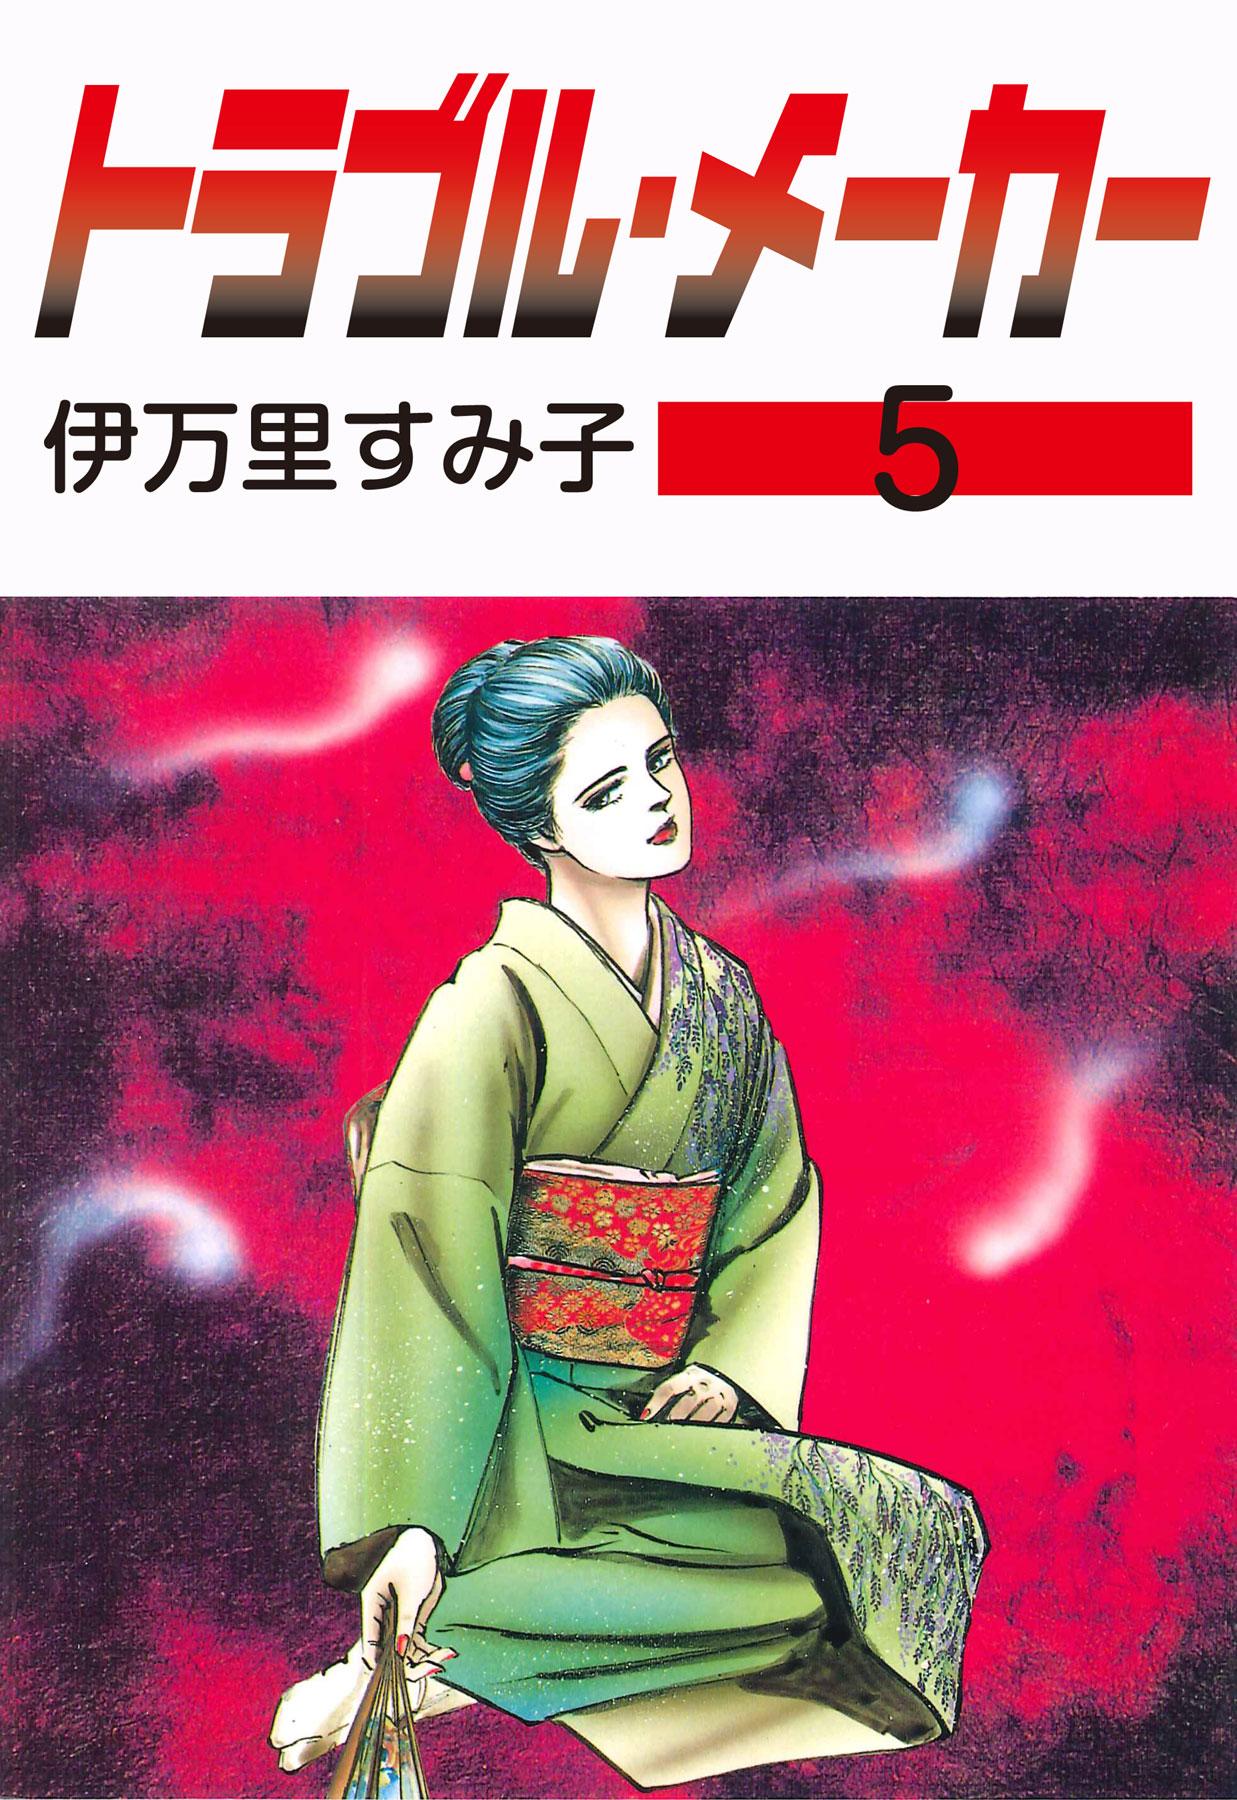 トラブル・メーカー(第5巻)